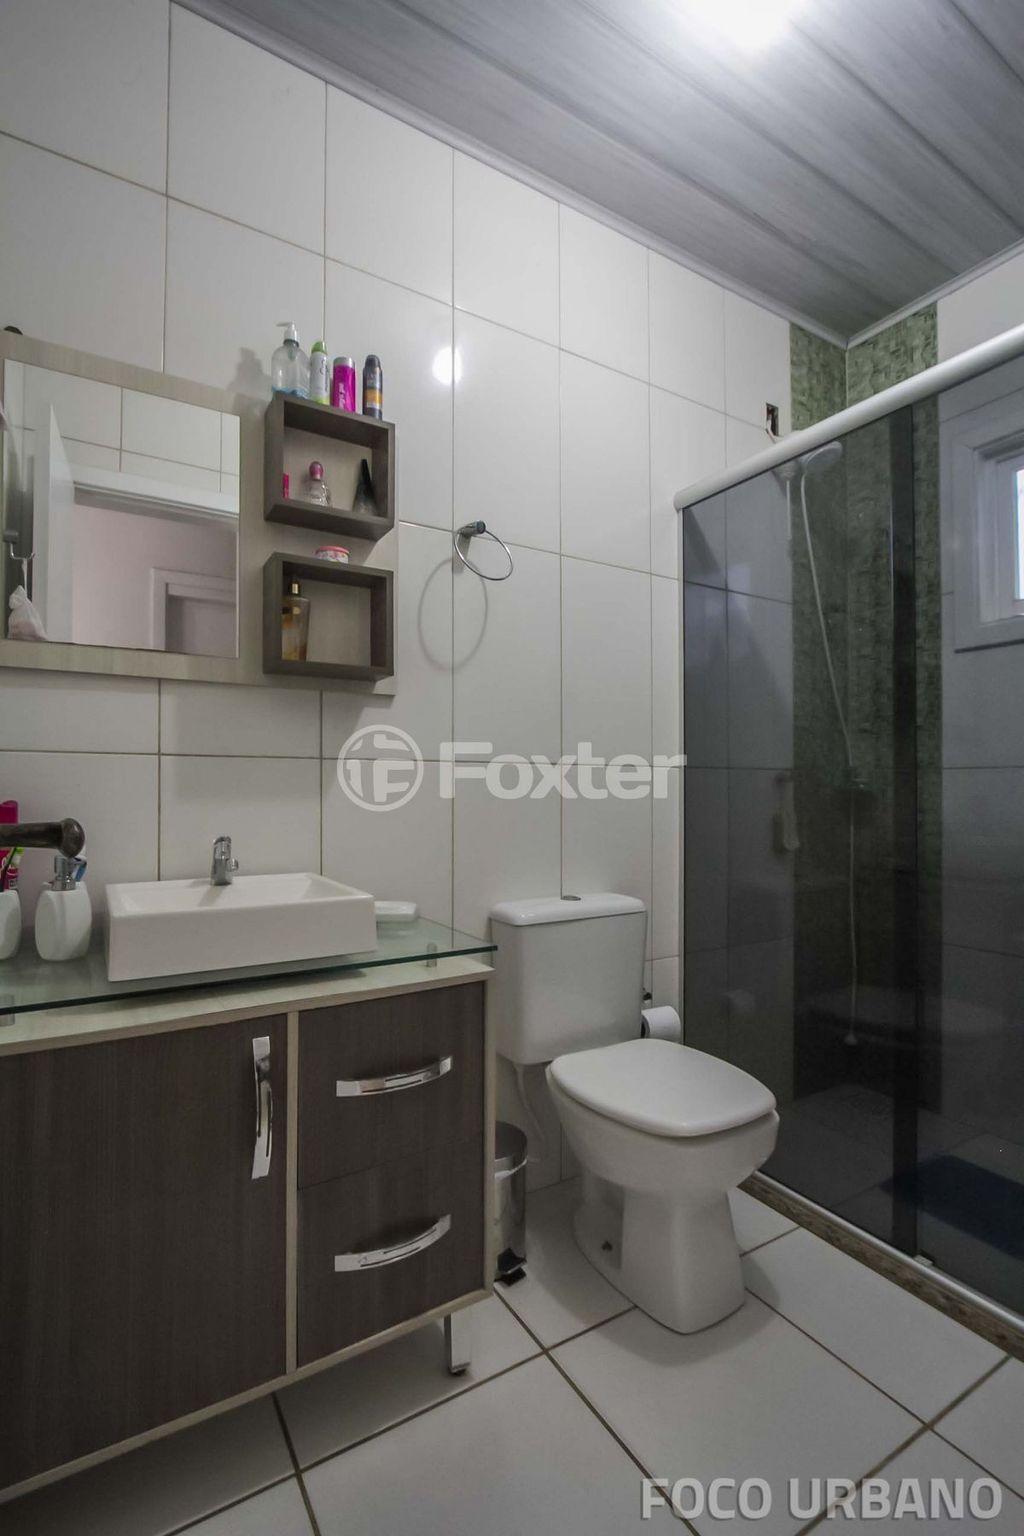 Foxter Imobiliária - Casa 1 Dorm, Santa Catarina - Foto 11